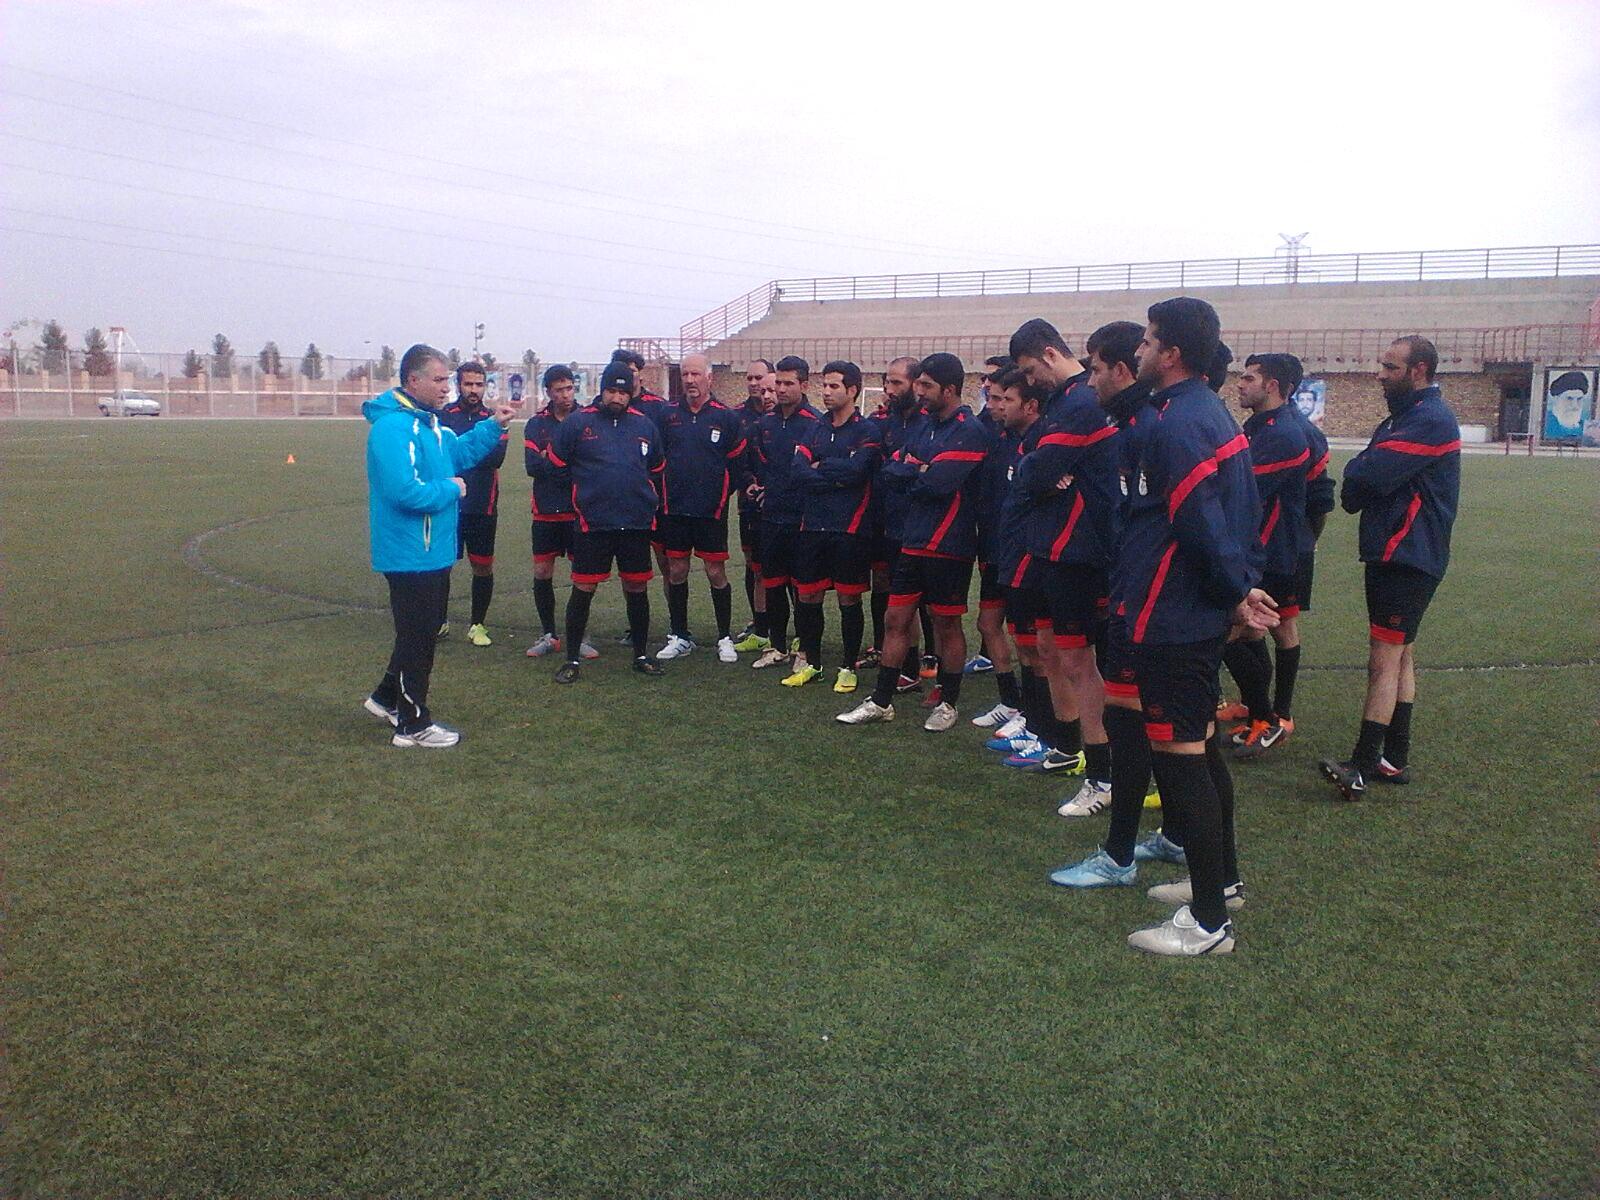 دوره مربیگری فوتبال در رفسنجان در حال برگزاری است